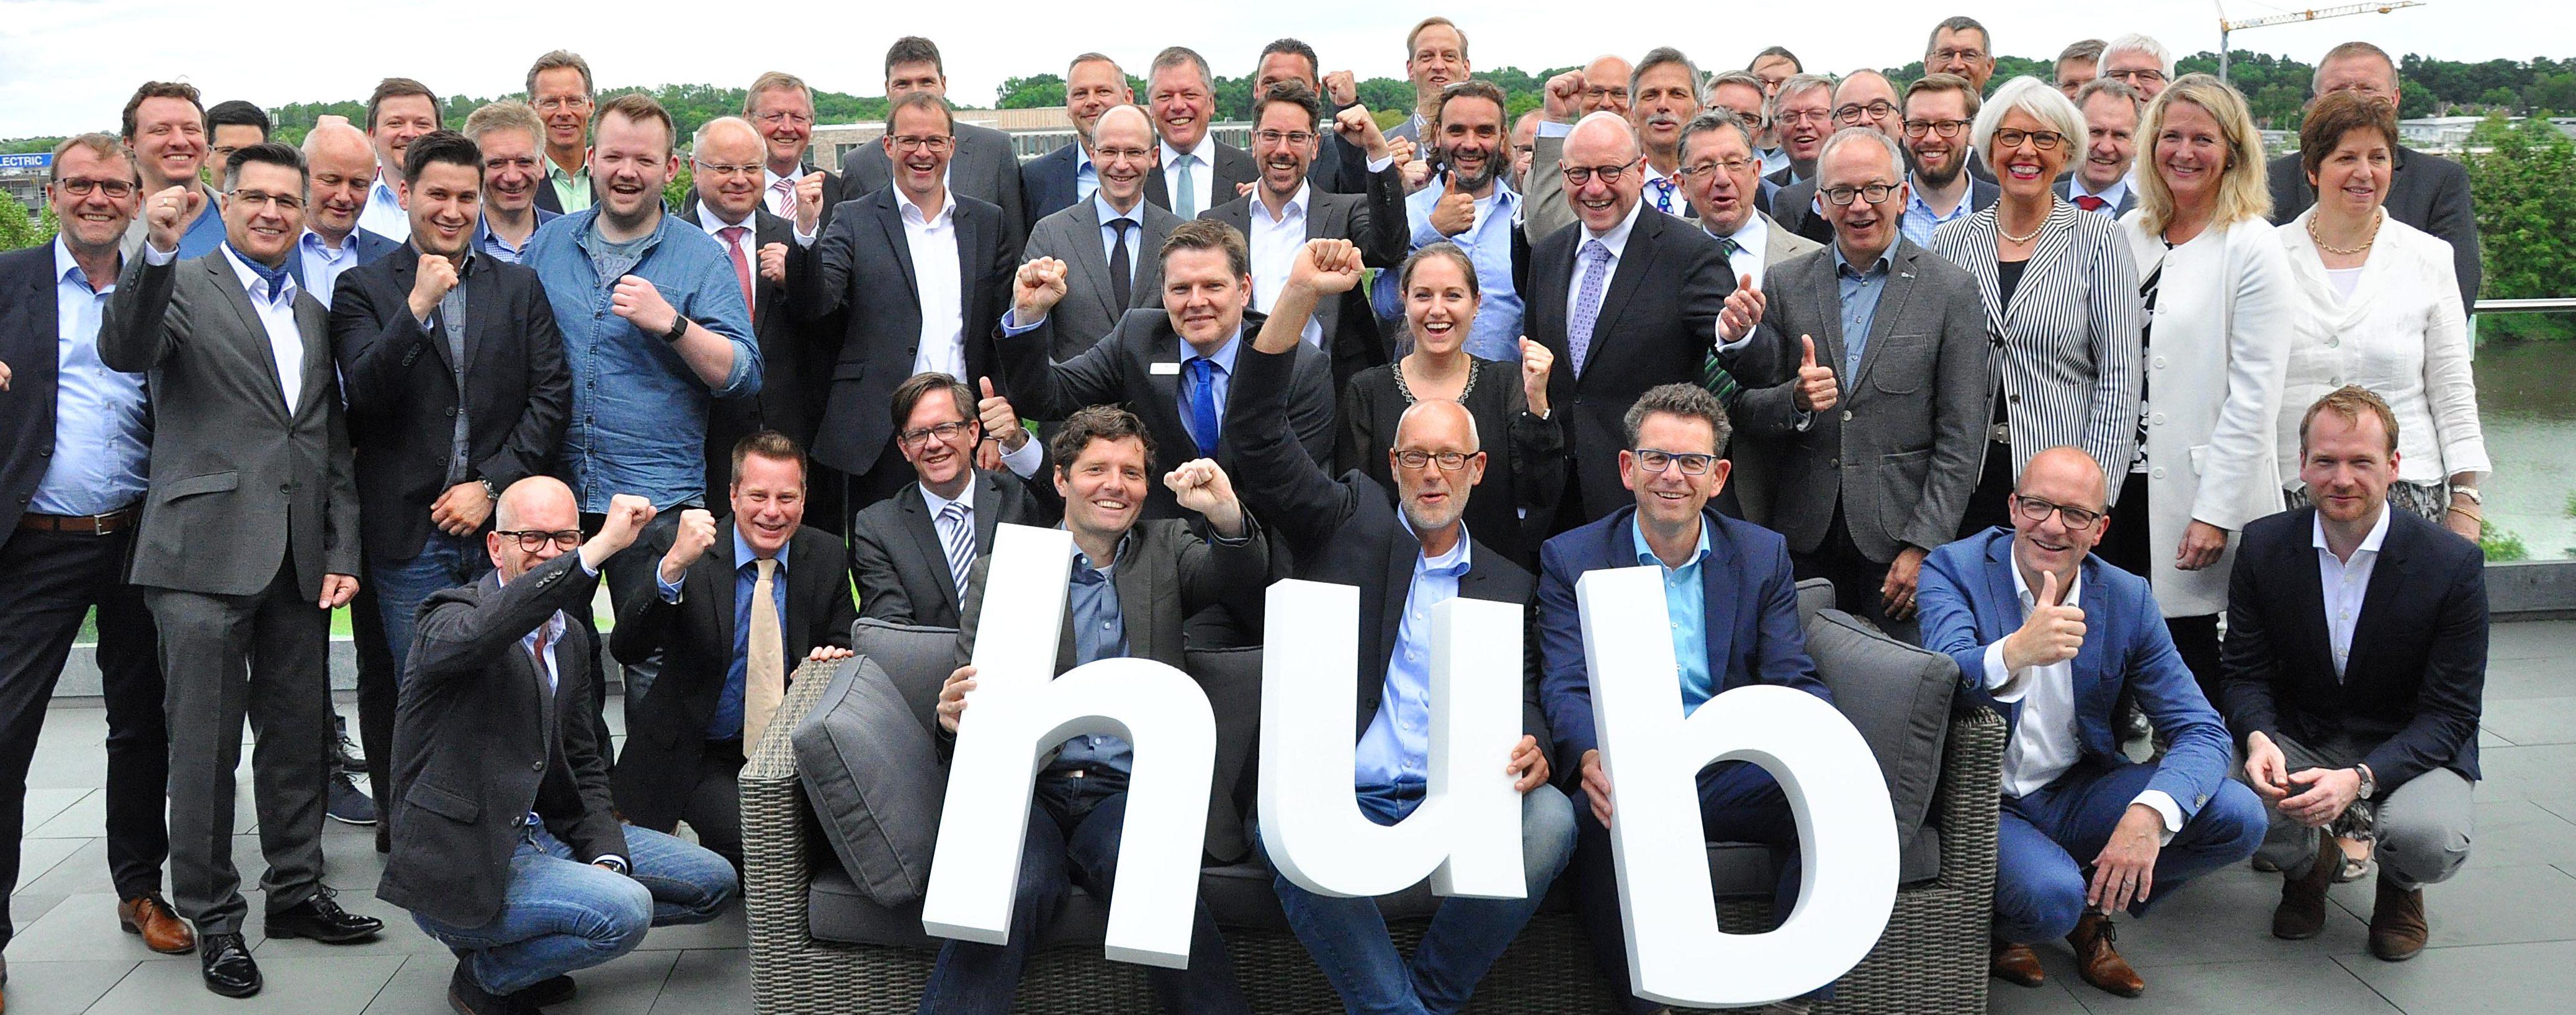 Münster wird Sitz eines regionalen Zentrums der Digitalen Wirtschaft